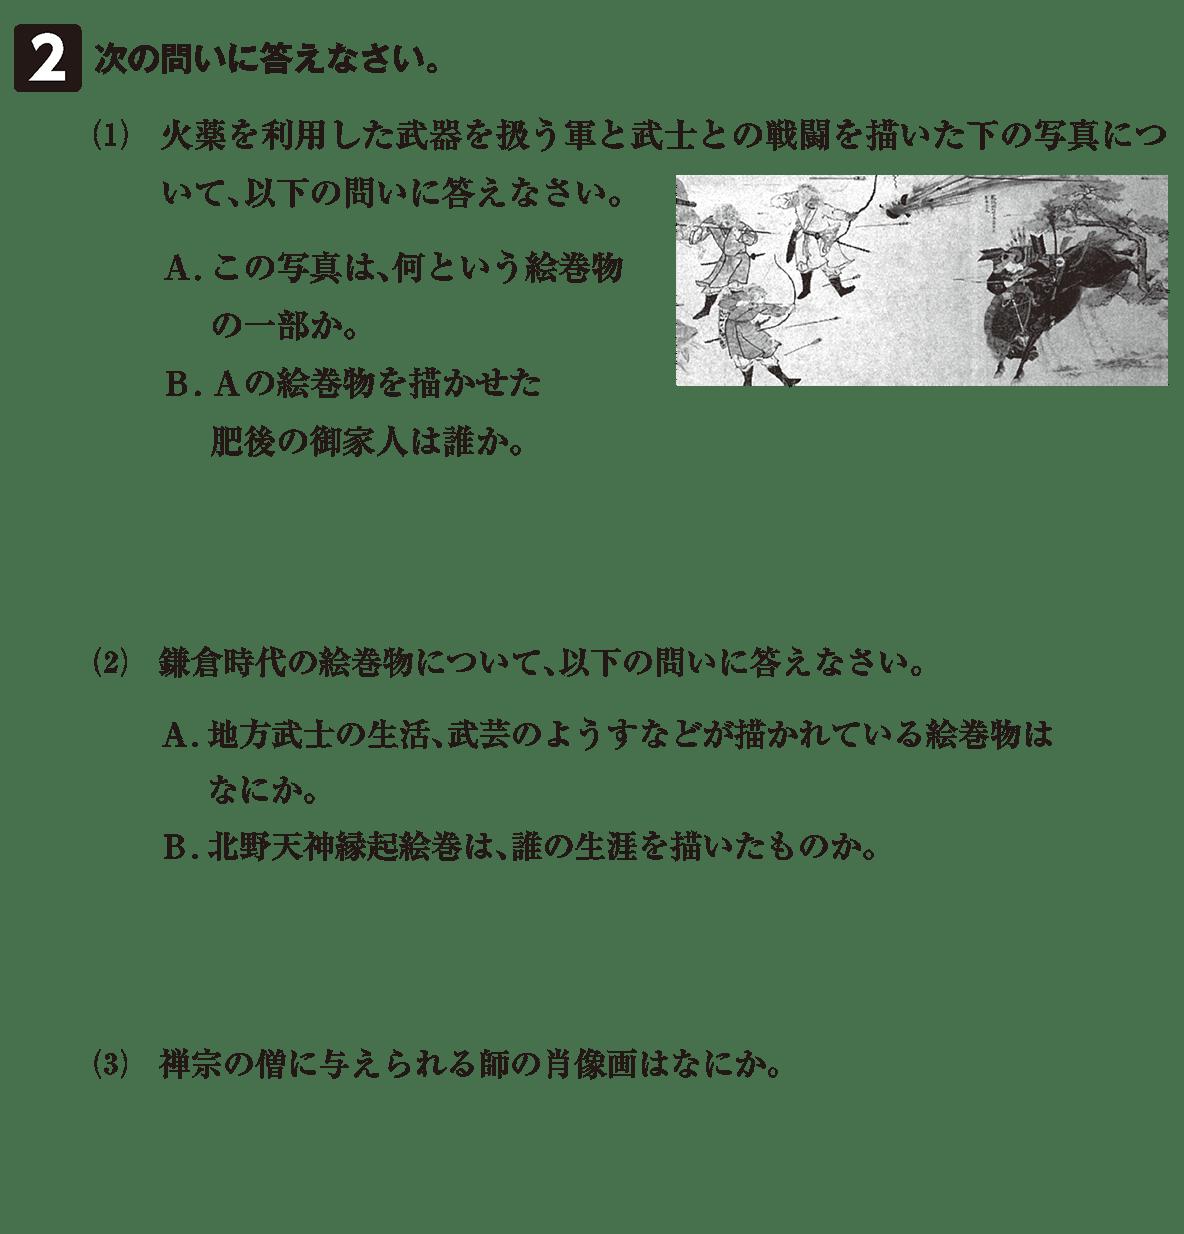 中世の文化15 問題2 問題